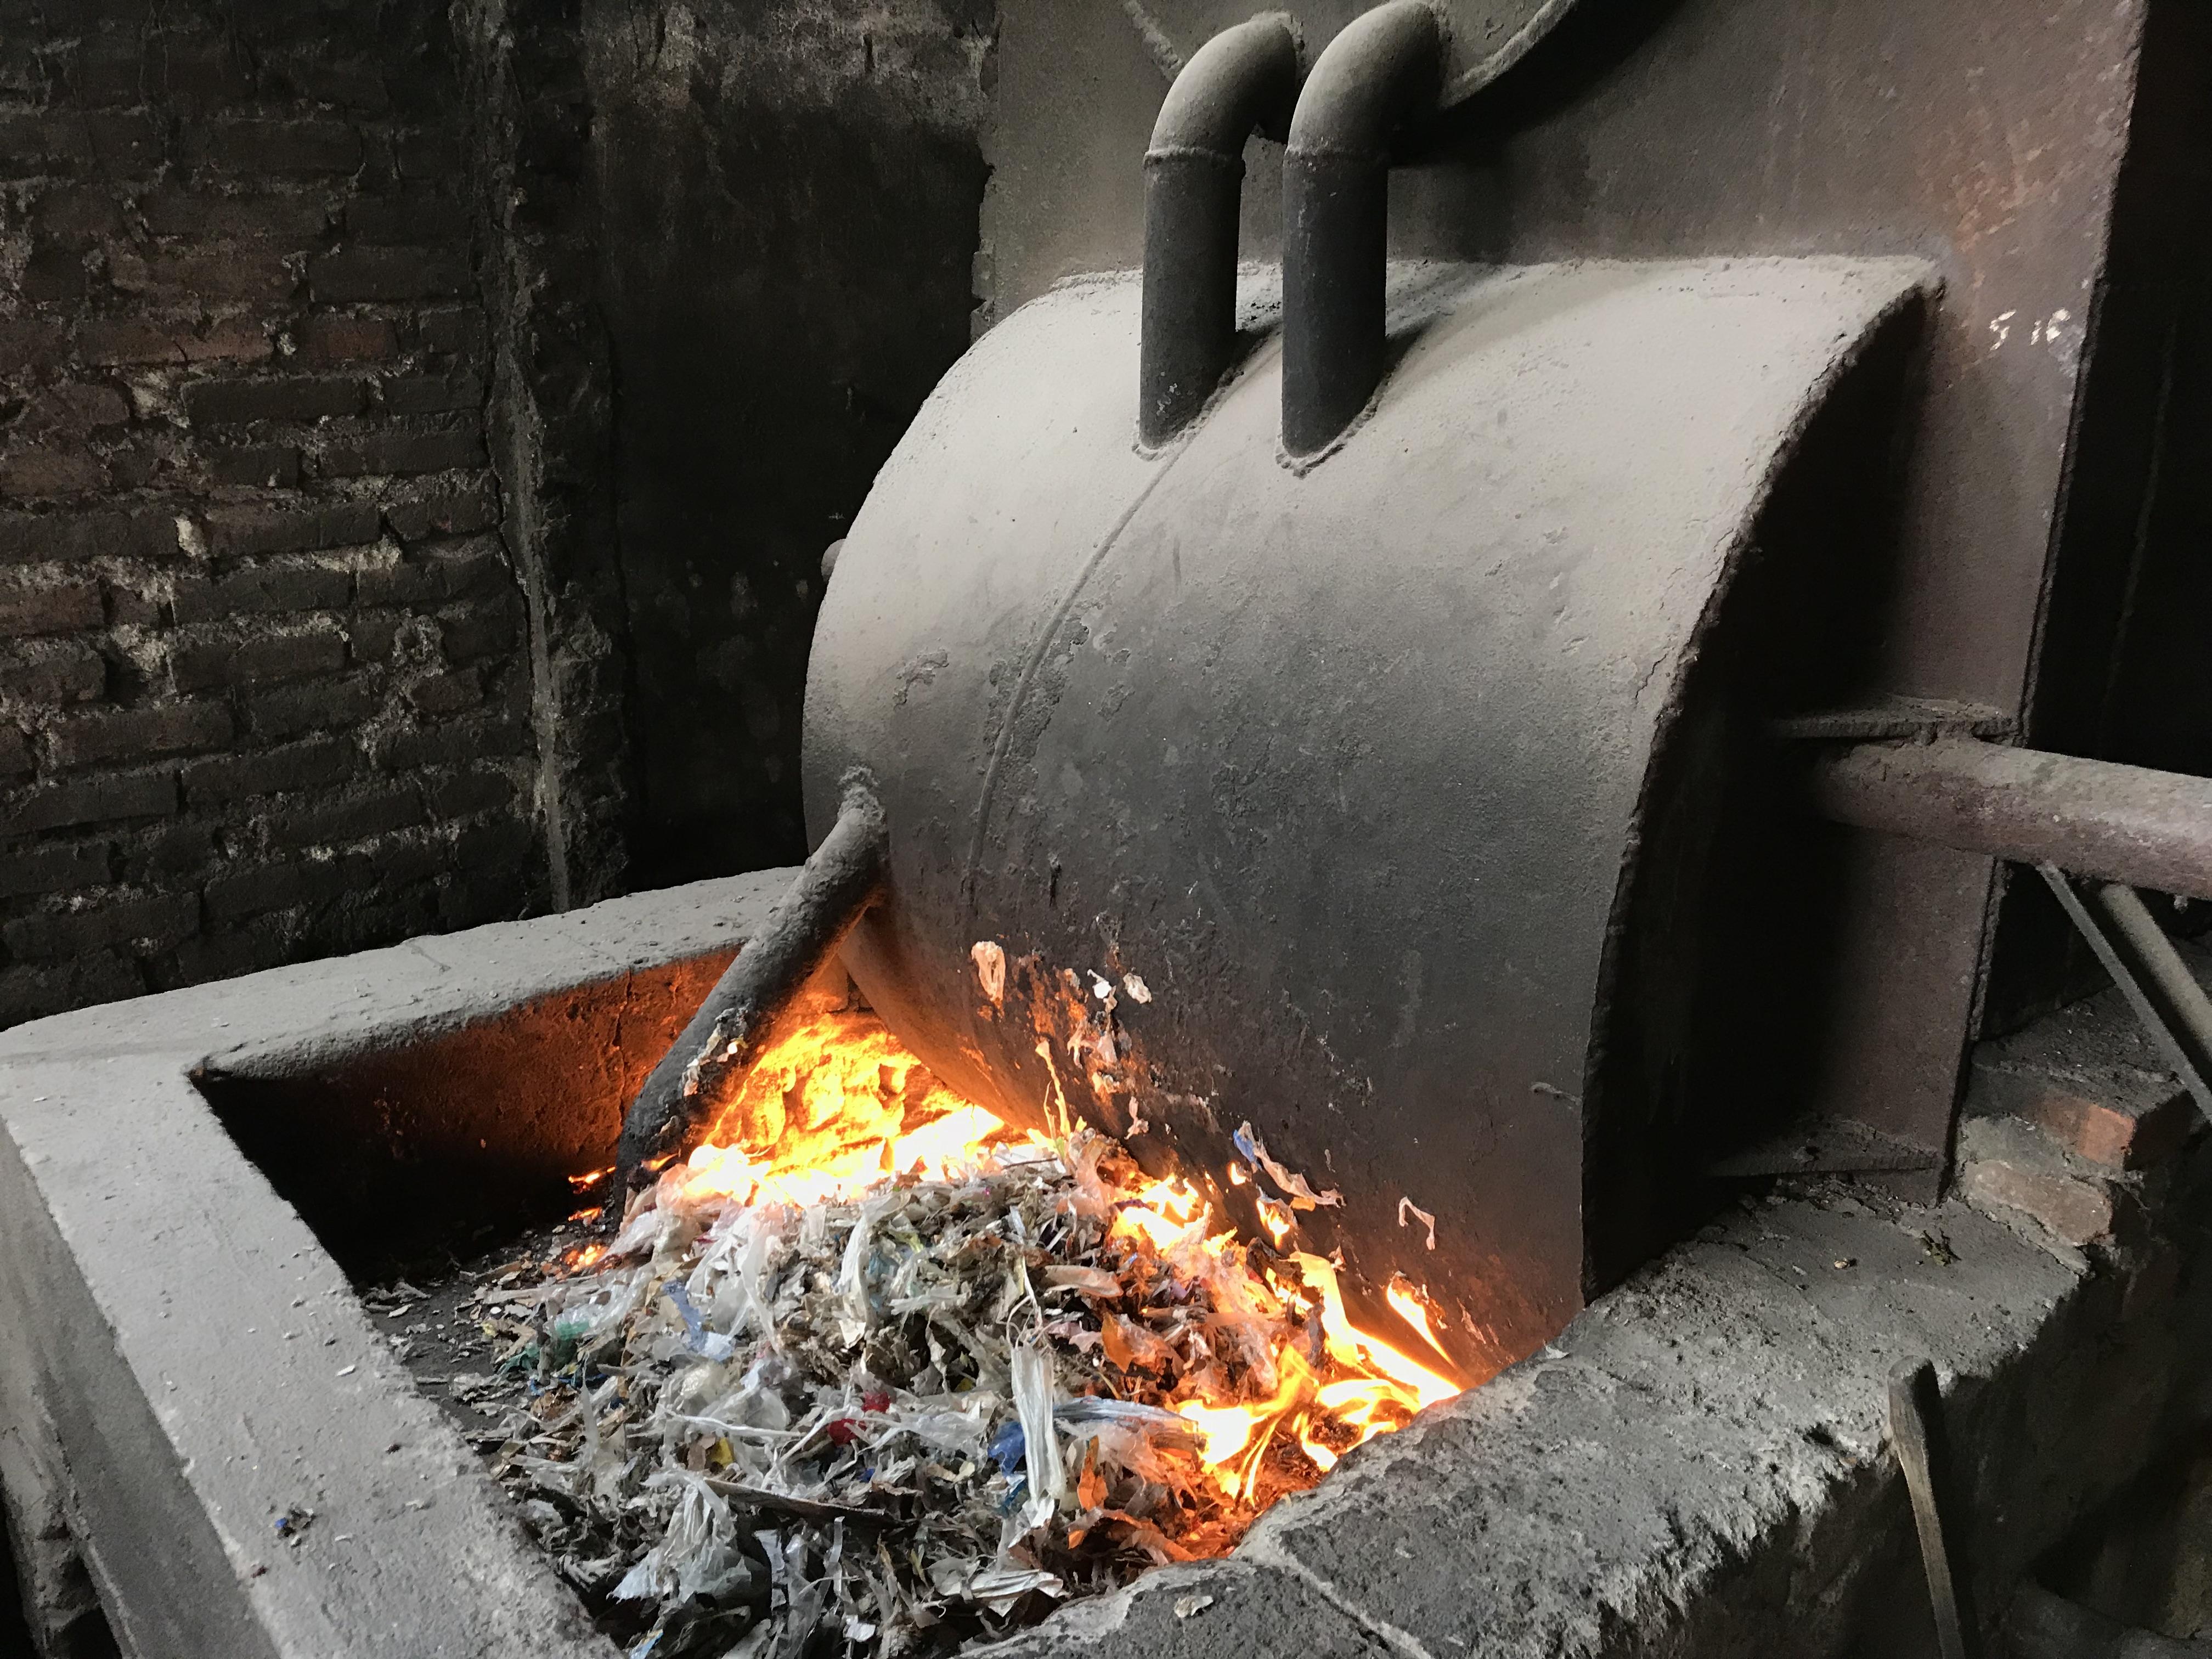 Plastic waste burning